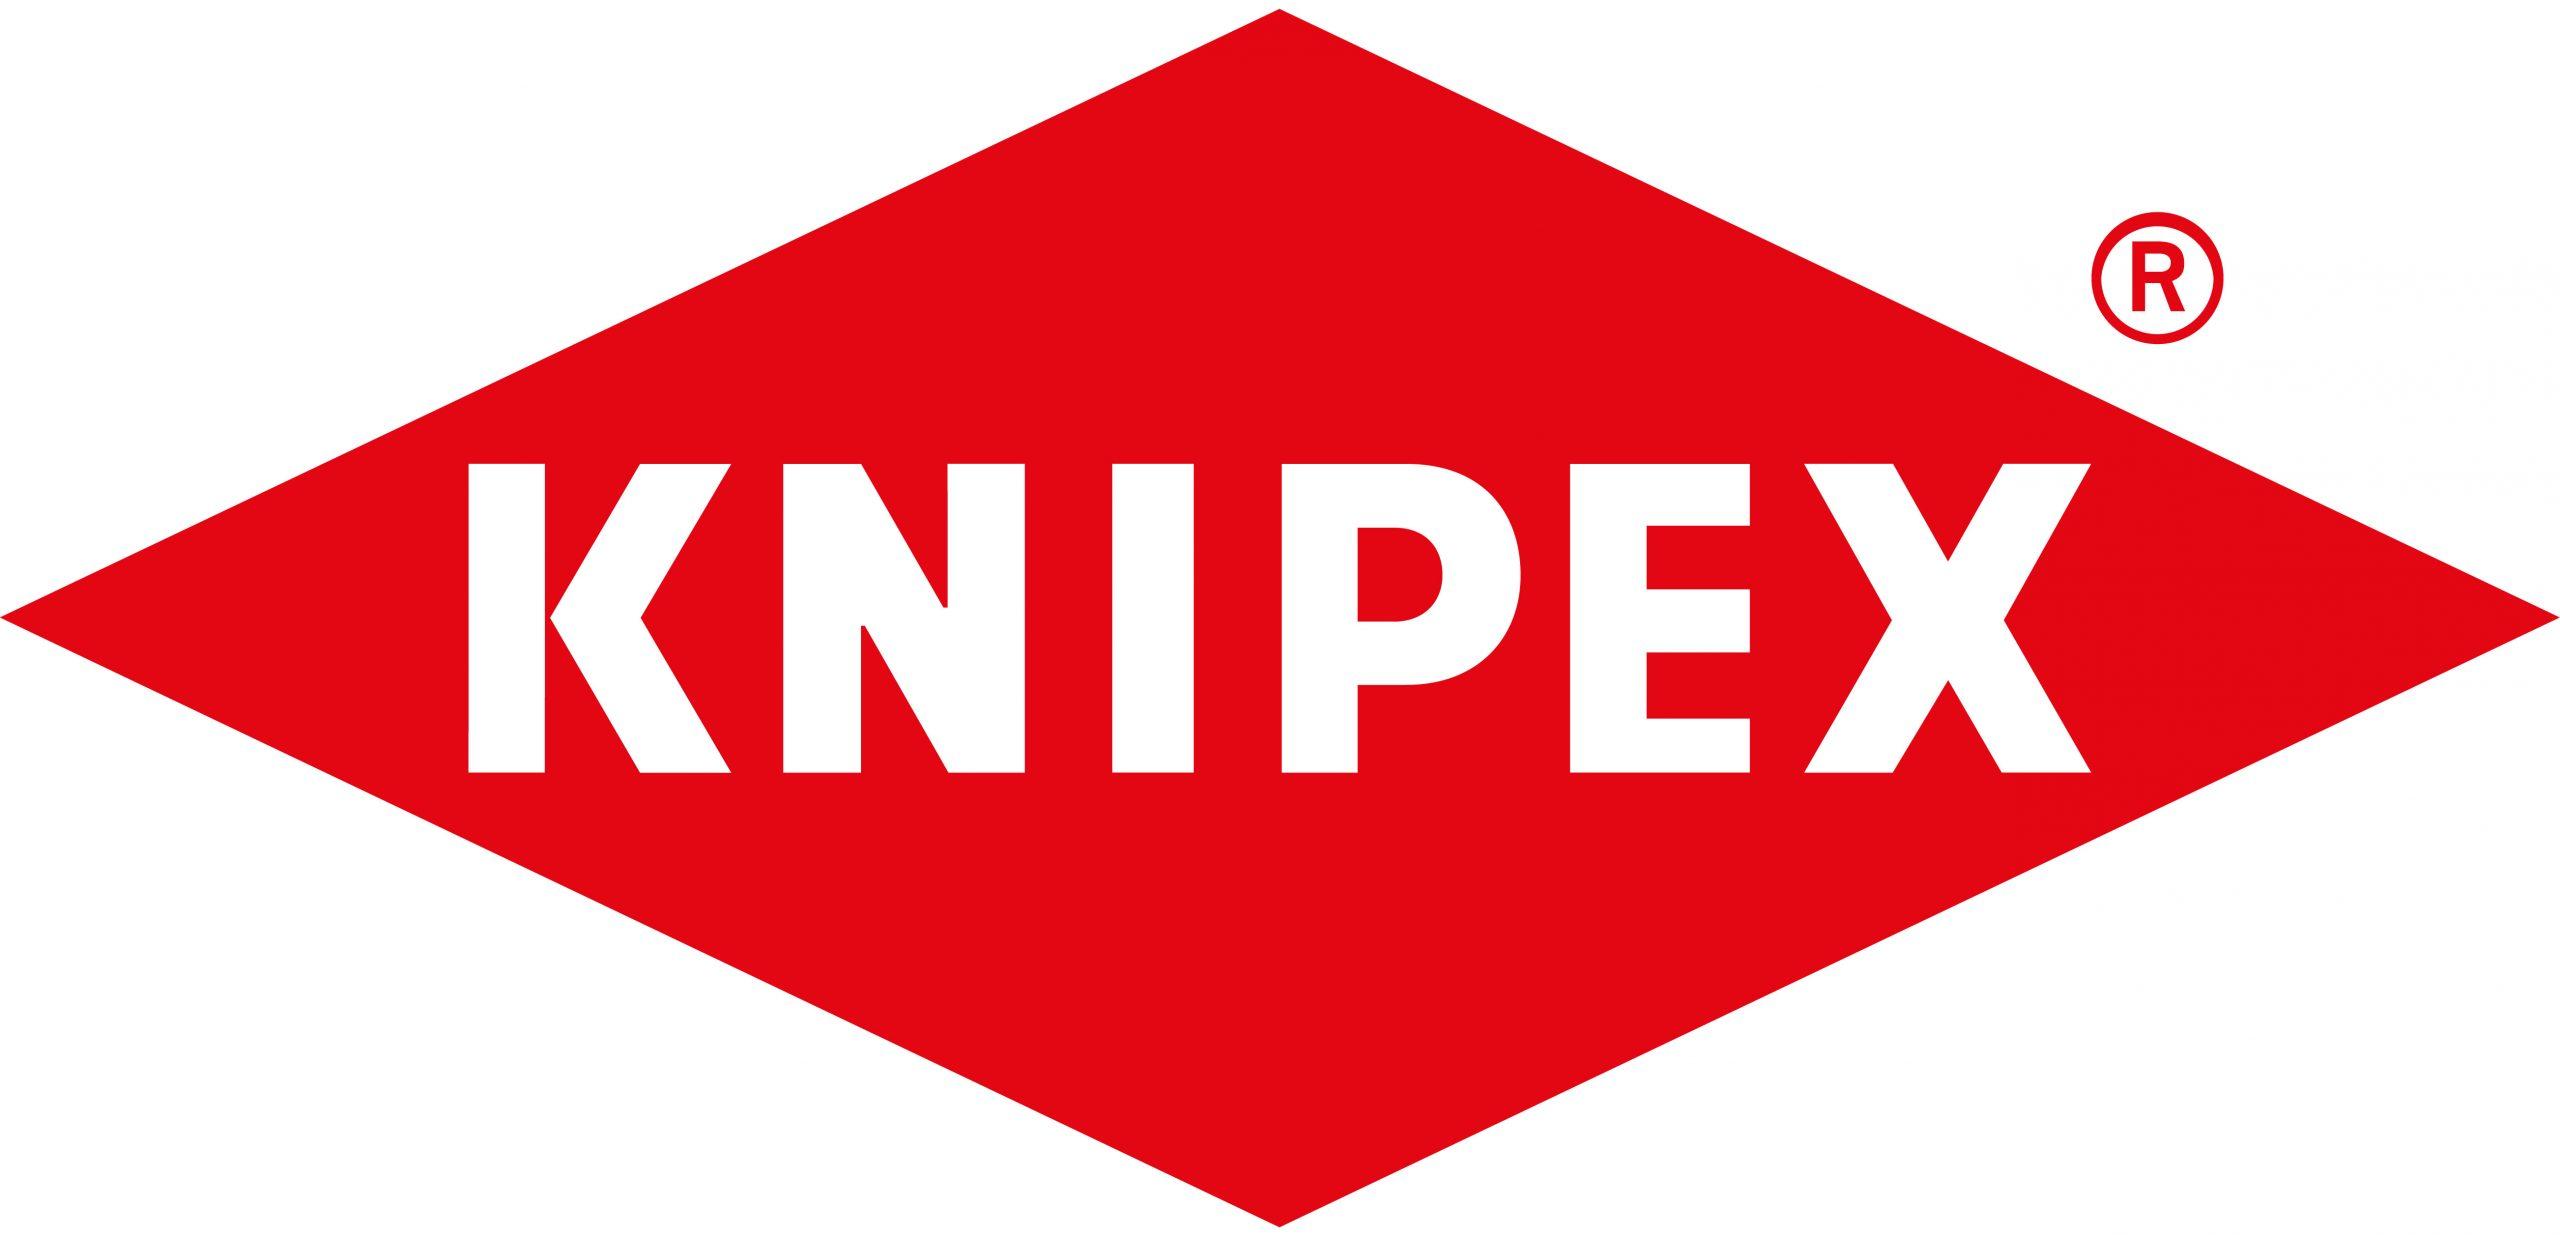 クニペックス KNIPEX ロゴ